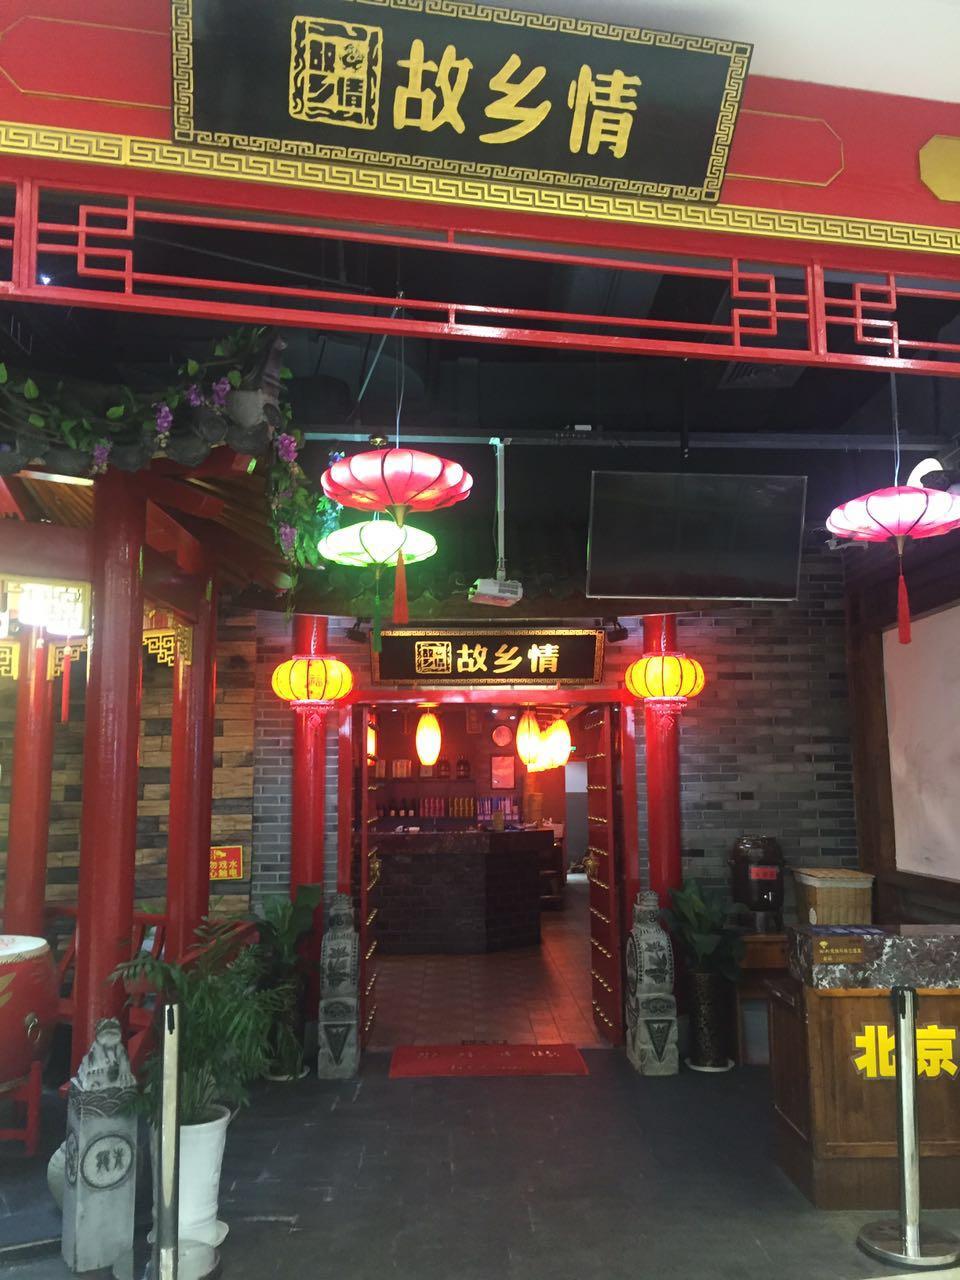 故乡情北京烤鸭宁海店